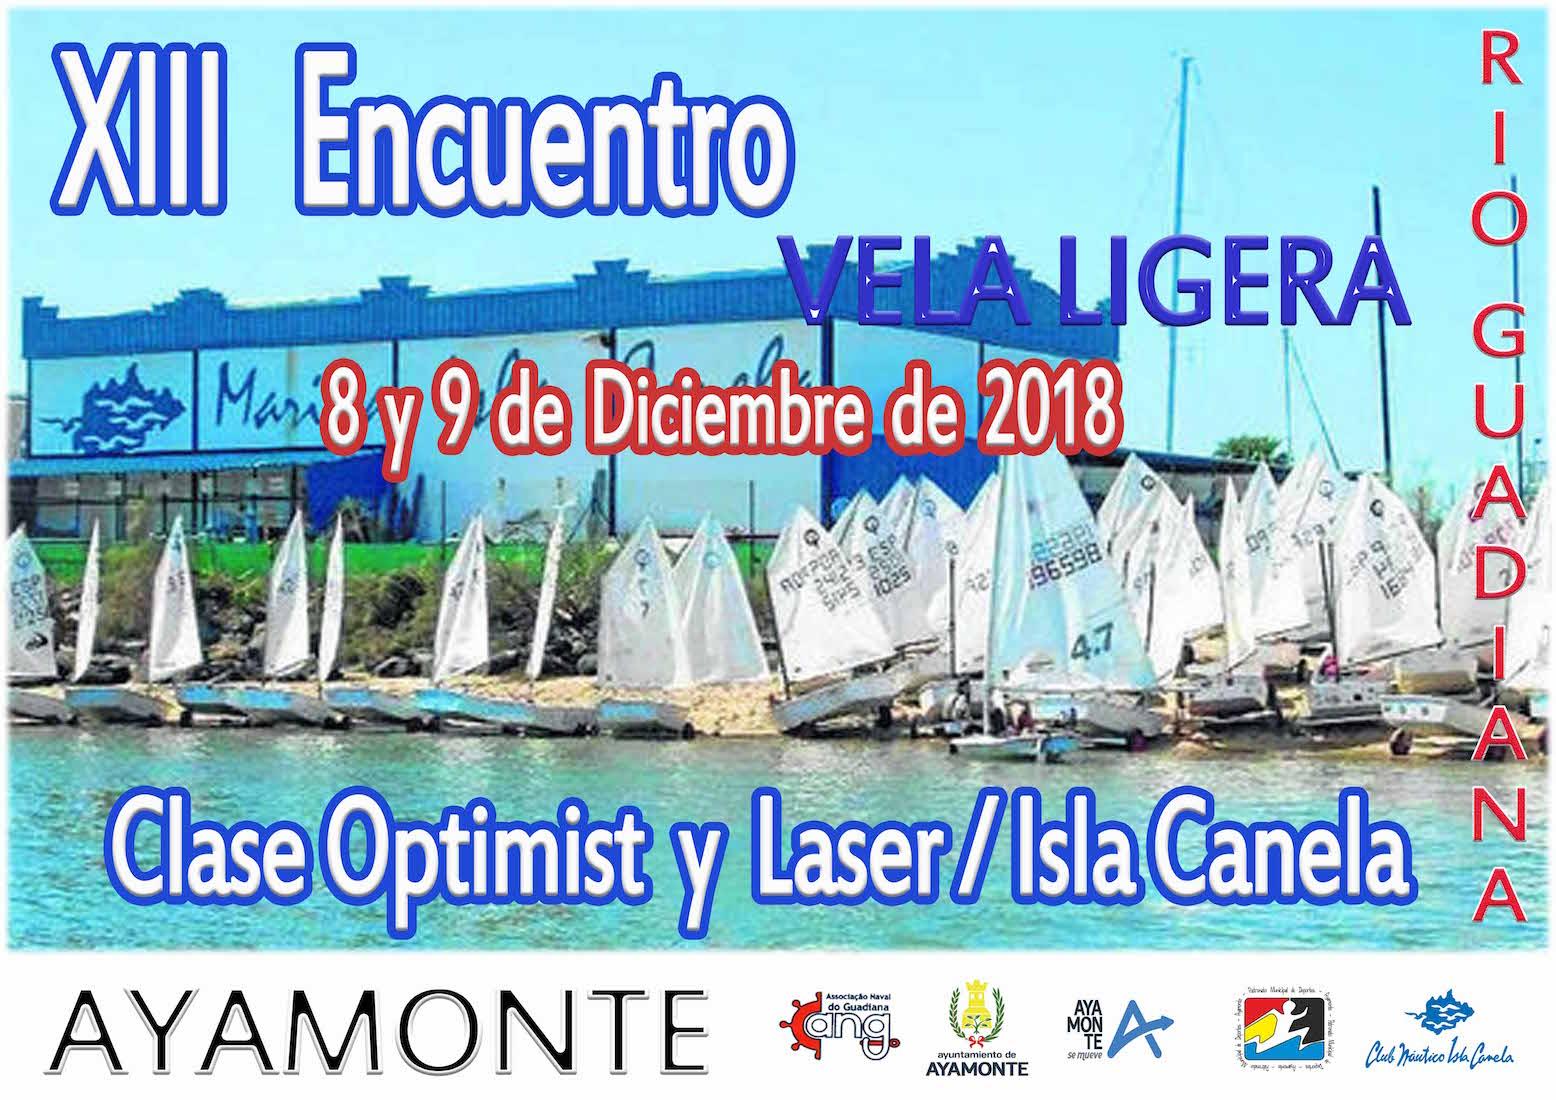 viii-encuentro-vela-ligera-ayamonte-2018